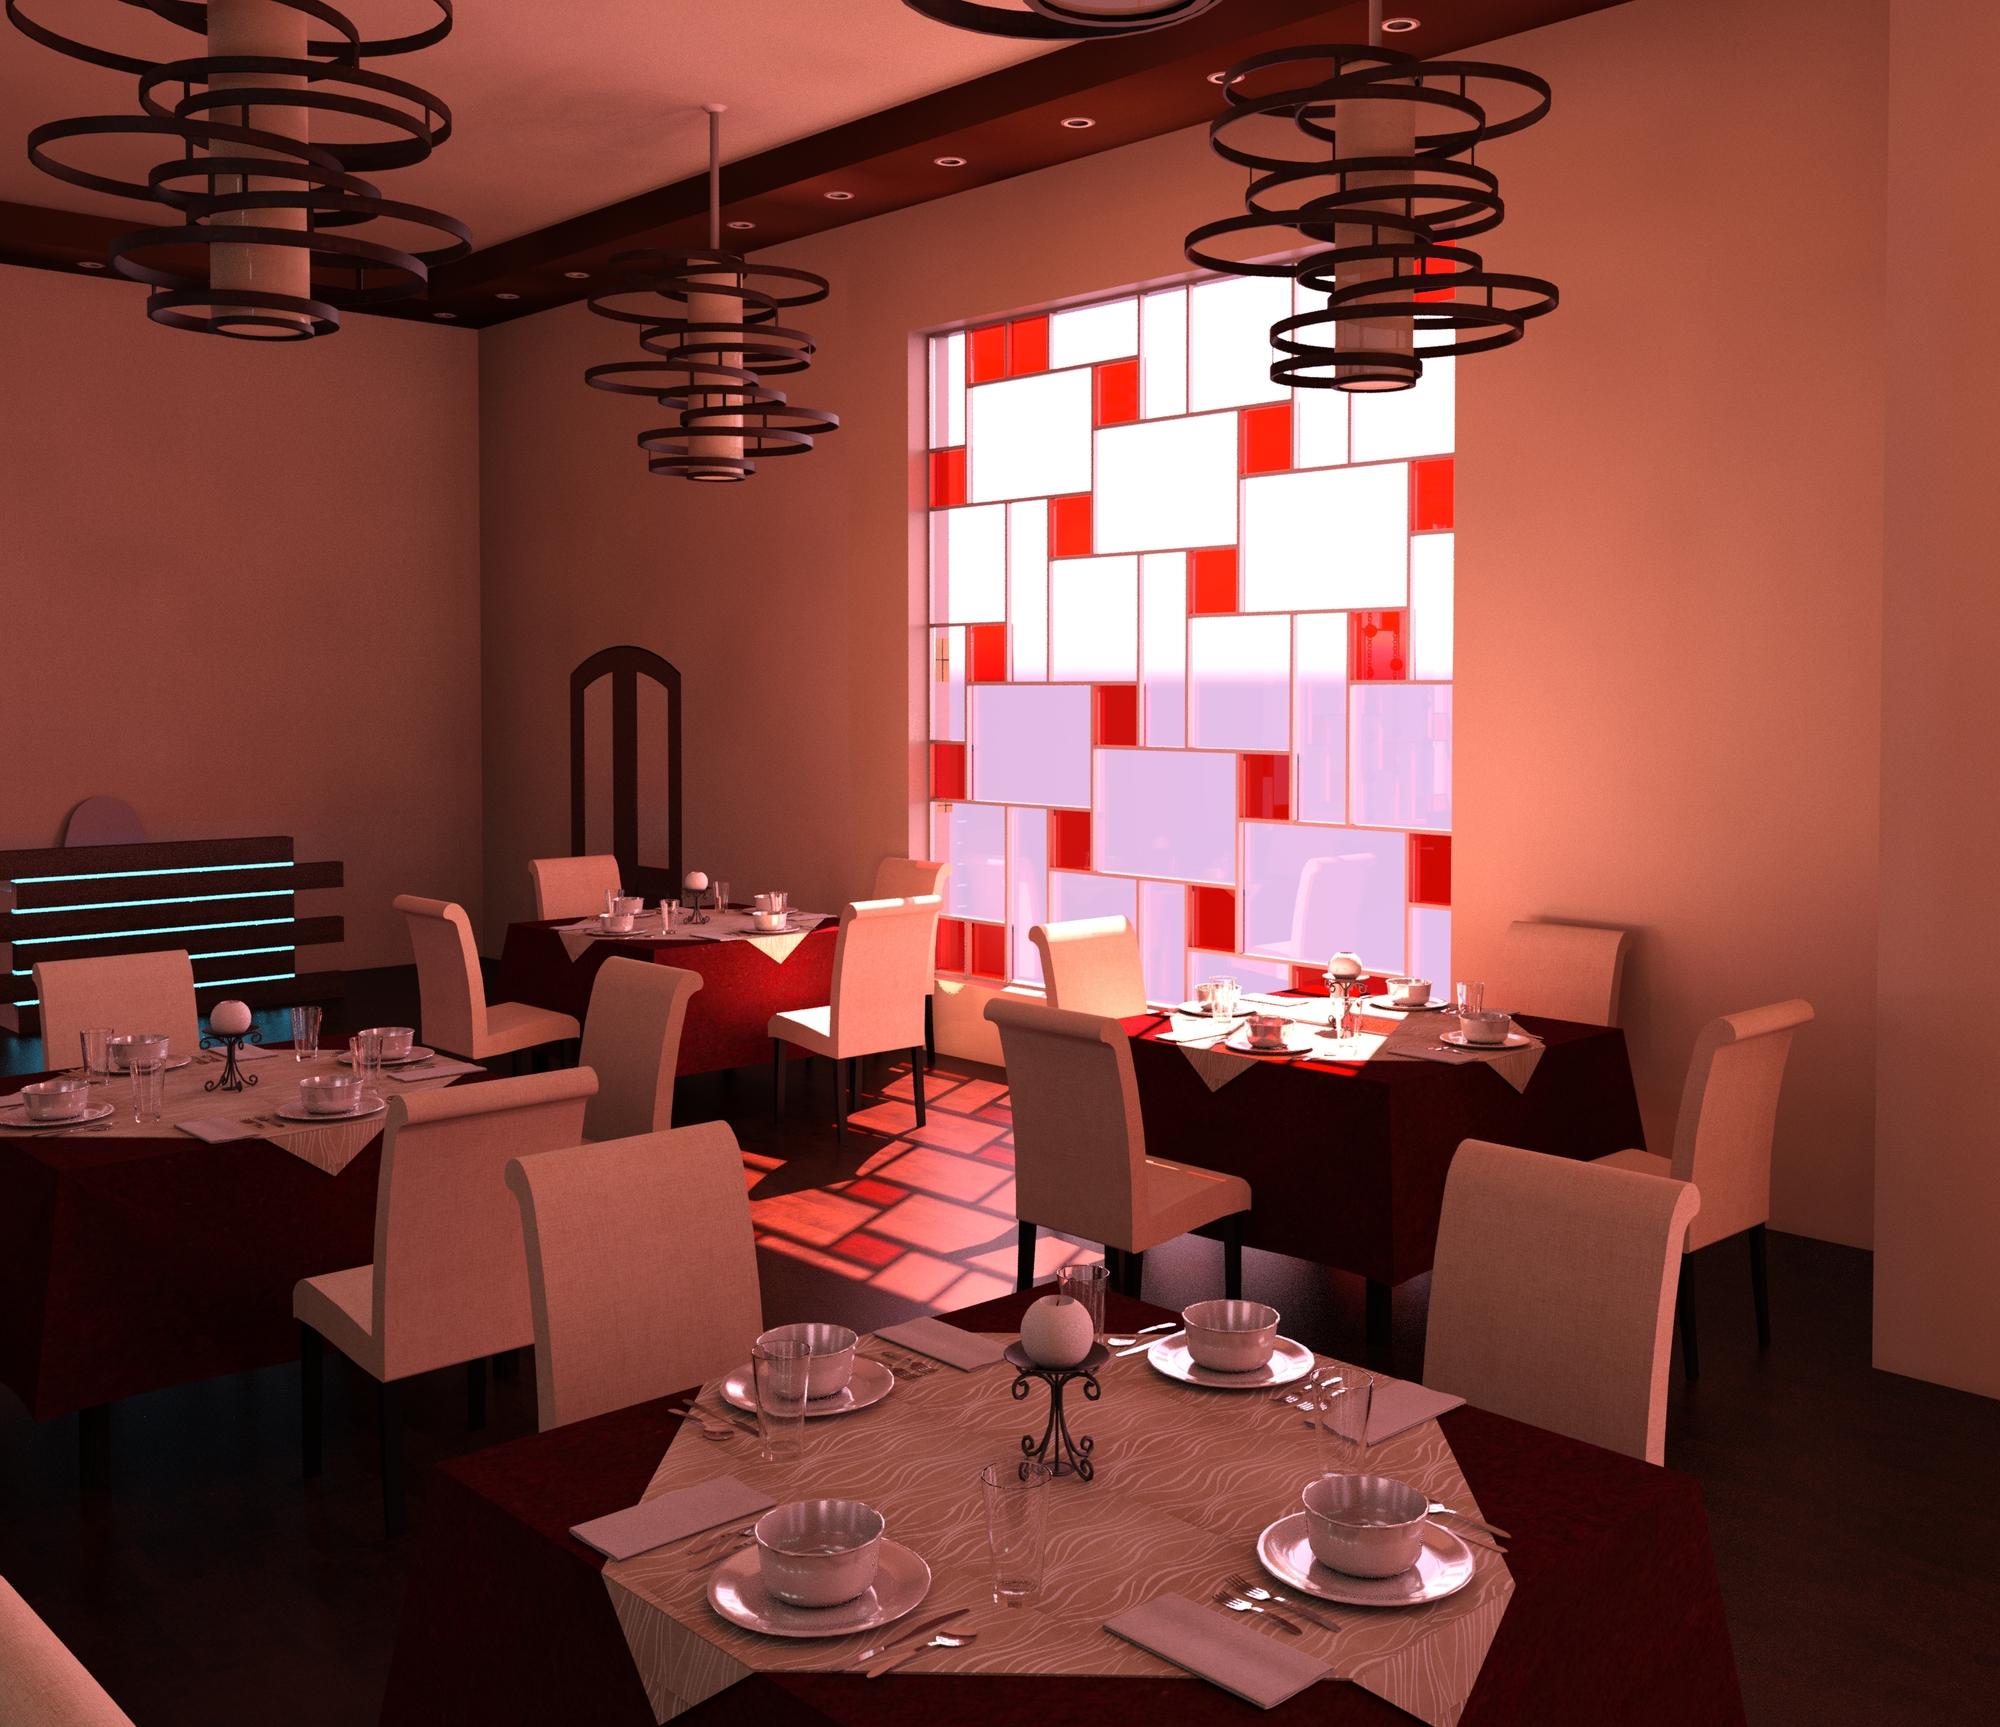 Raas-rendering20140917-15630-1sdyyxn